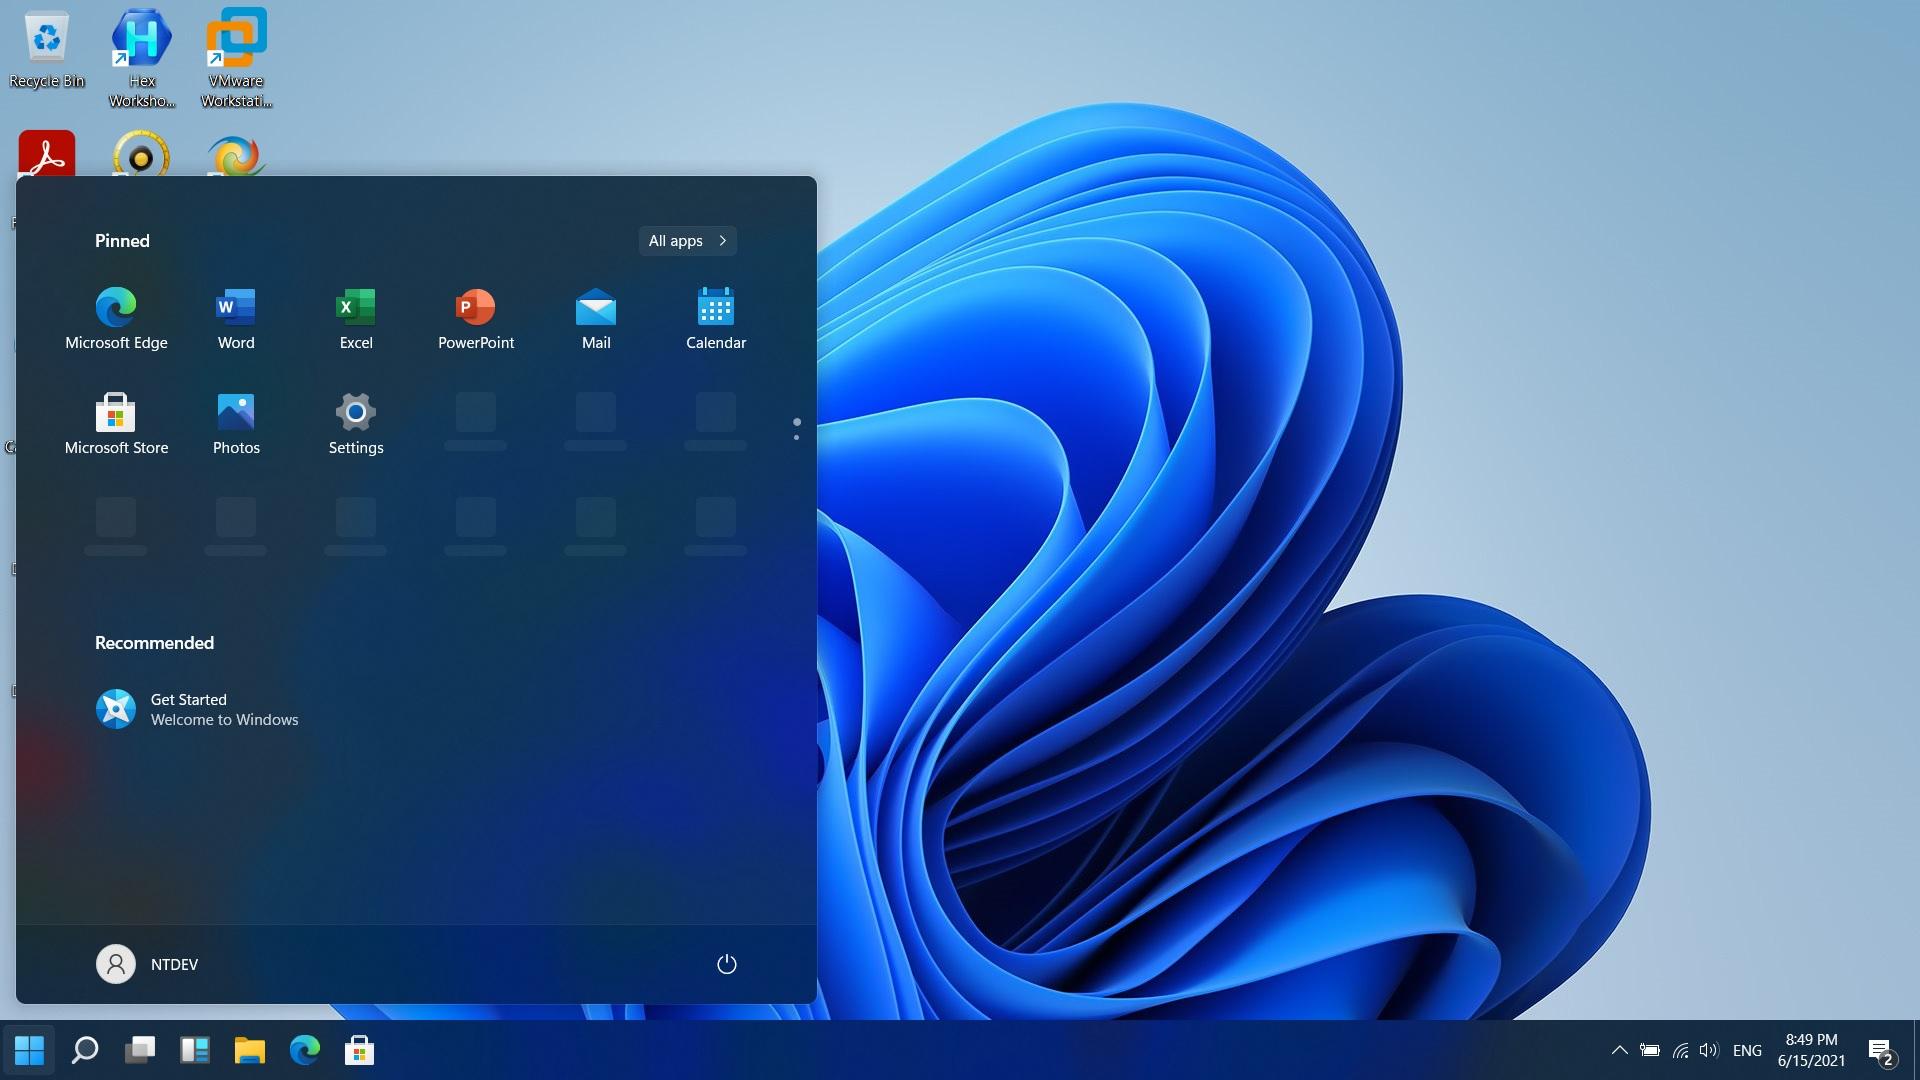 ویندوز 11 از تراشه M1 پشتیبانی نخواهد کرد: همکاری مایکروسافت و اینتل؟